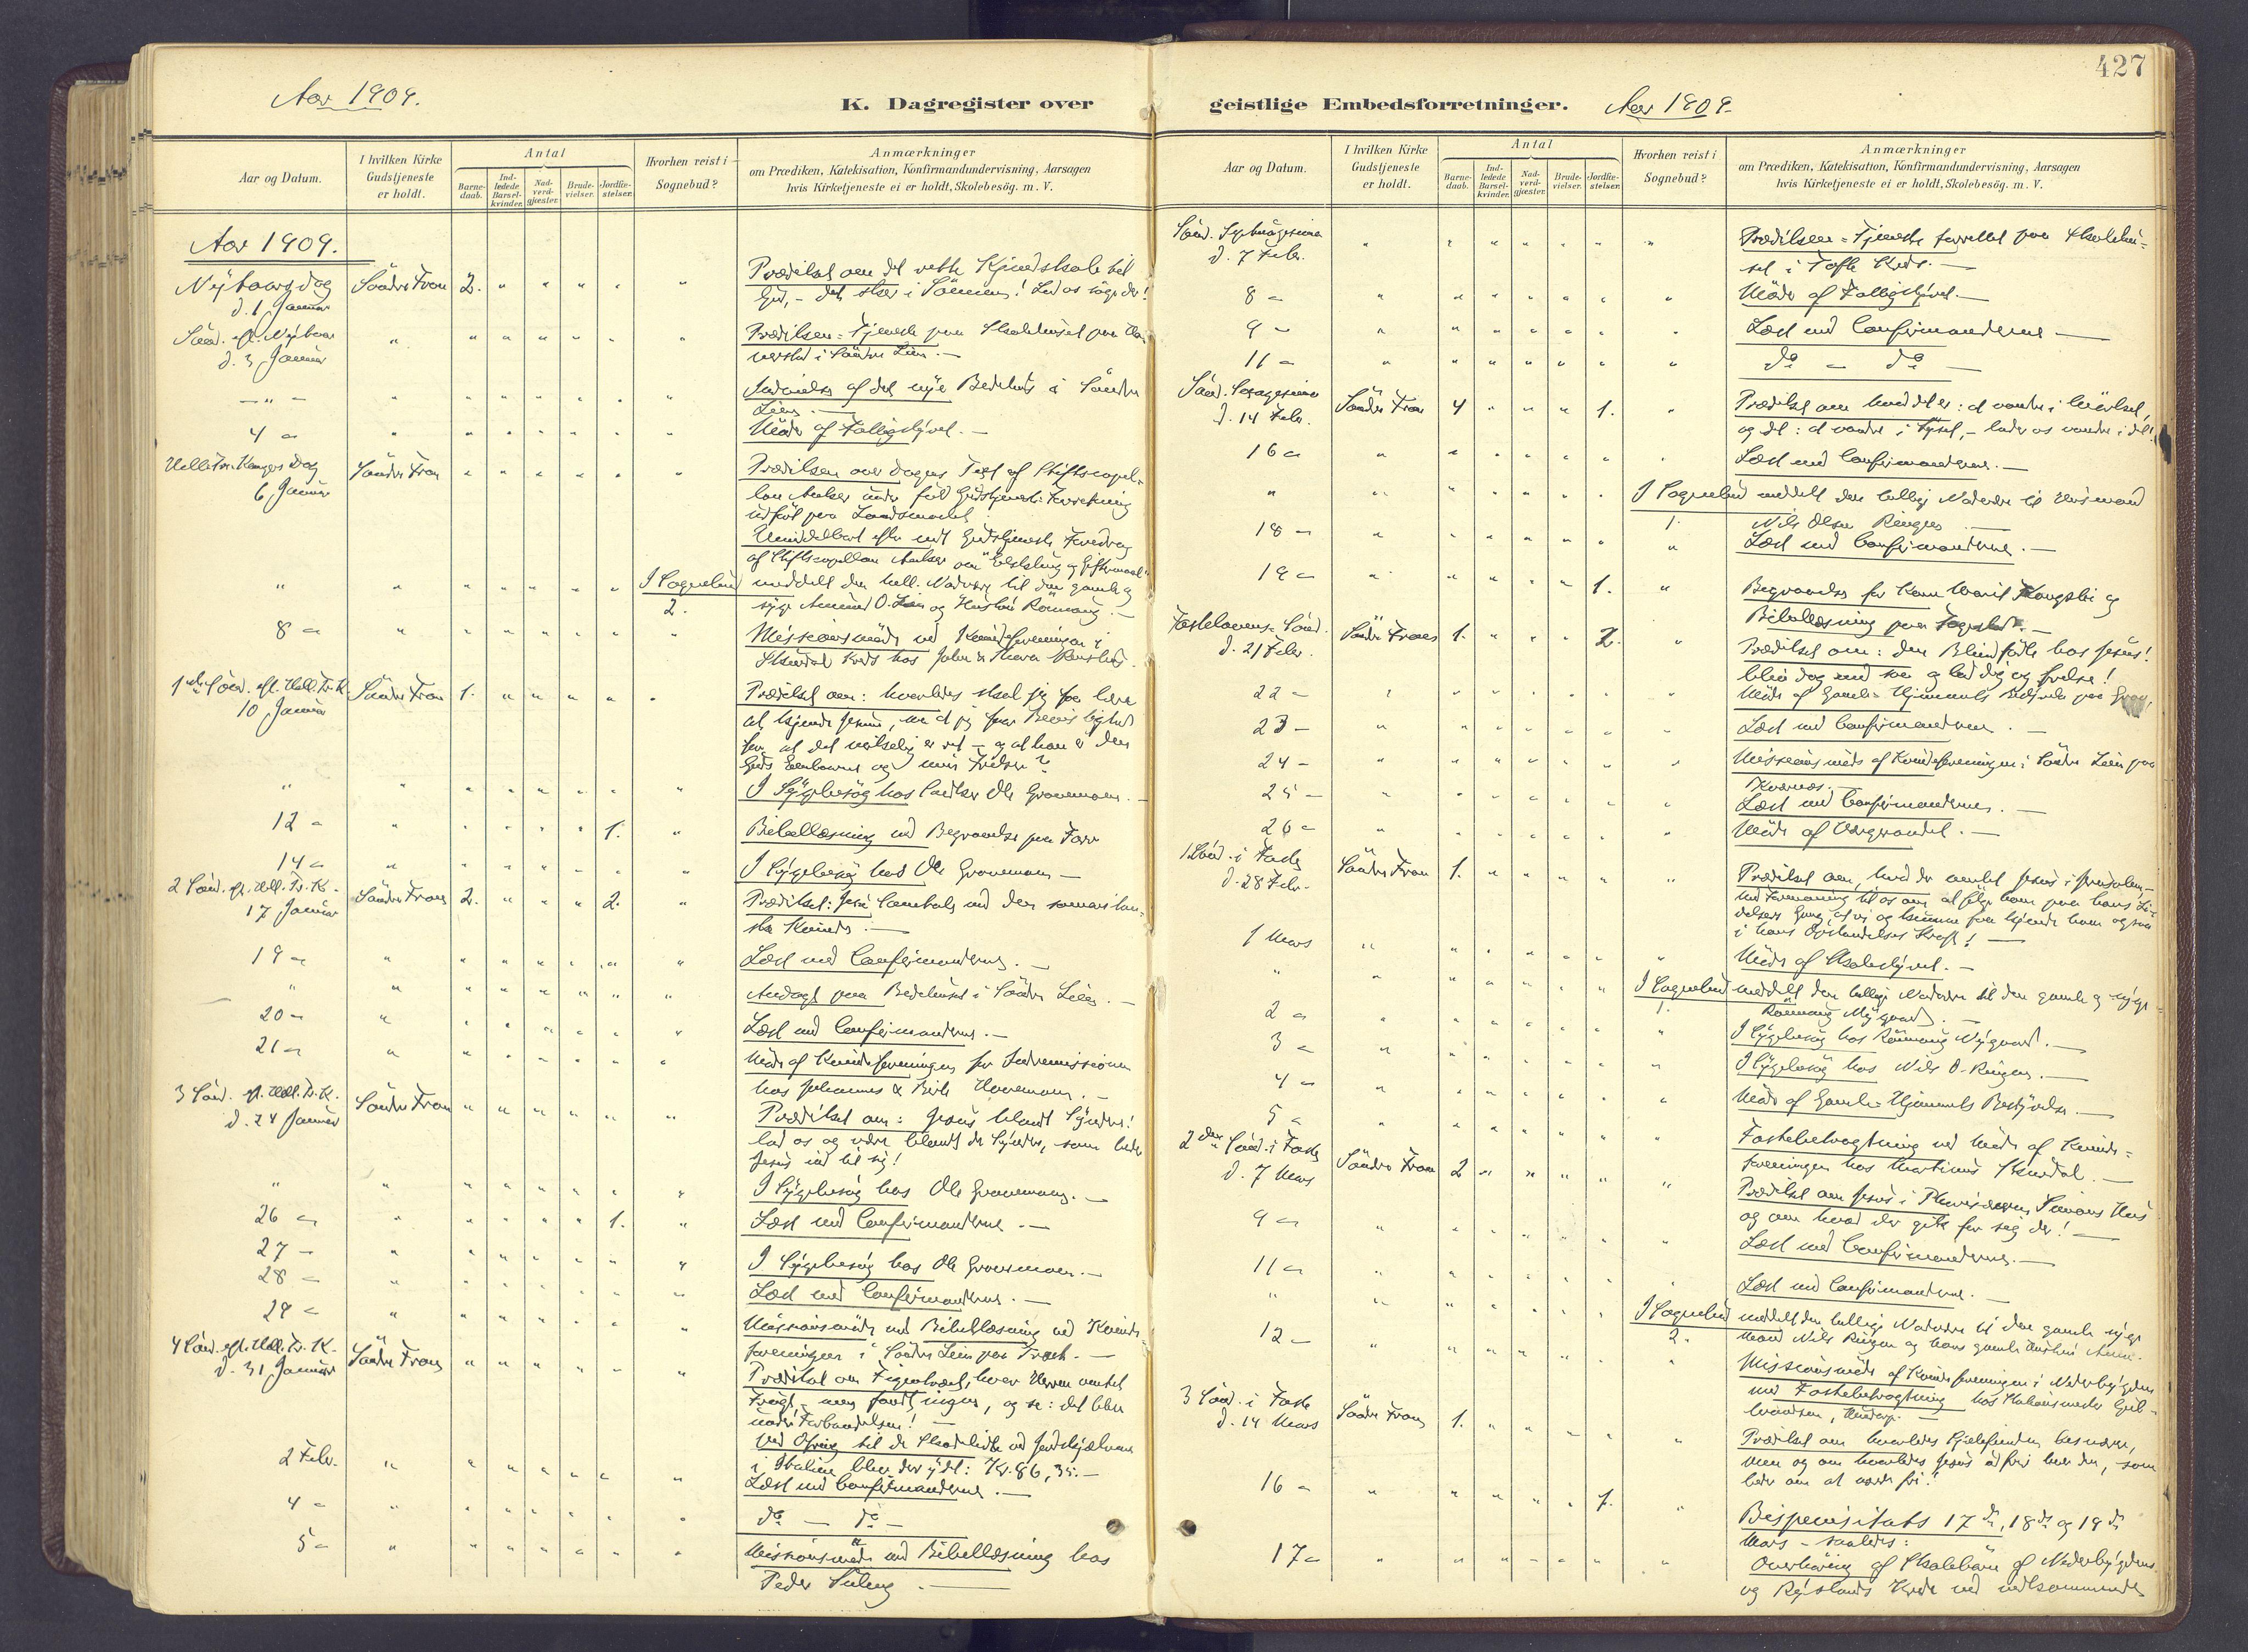 SAH, Sør-Fron prestekontor, H/Ha/Haa/L0004: Ministerialbok nr. 4, 1898-1919, s. 427